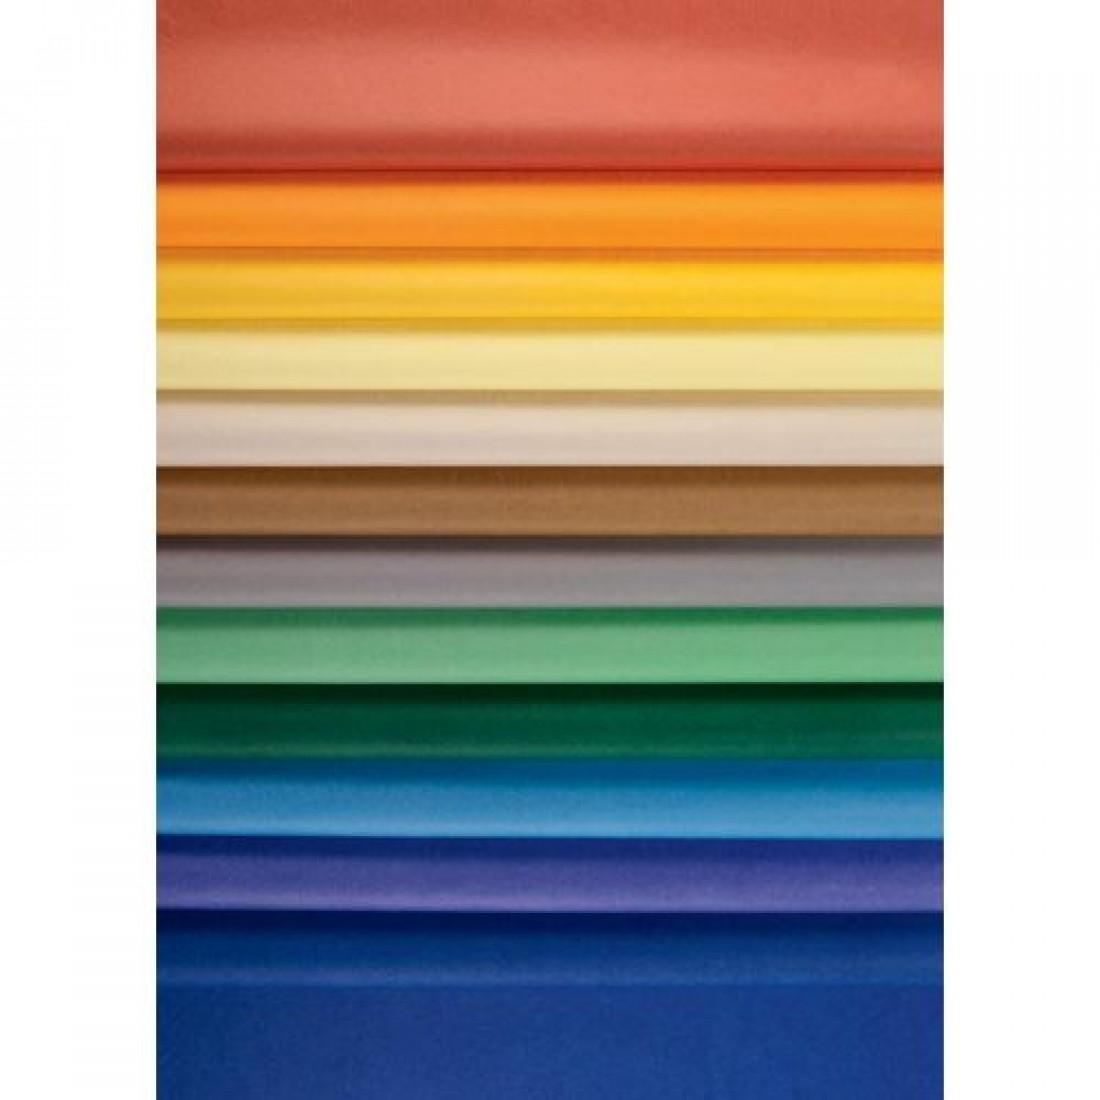 Colored Tissue Paper 20x30